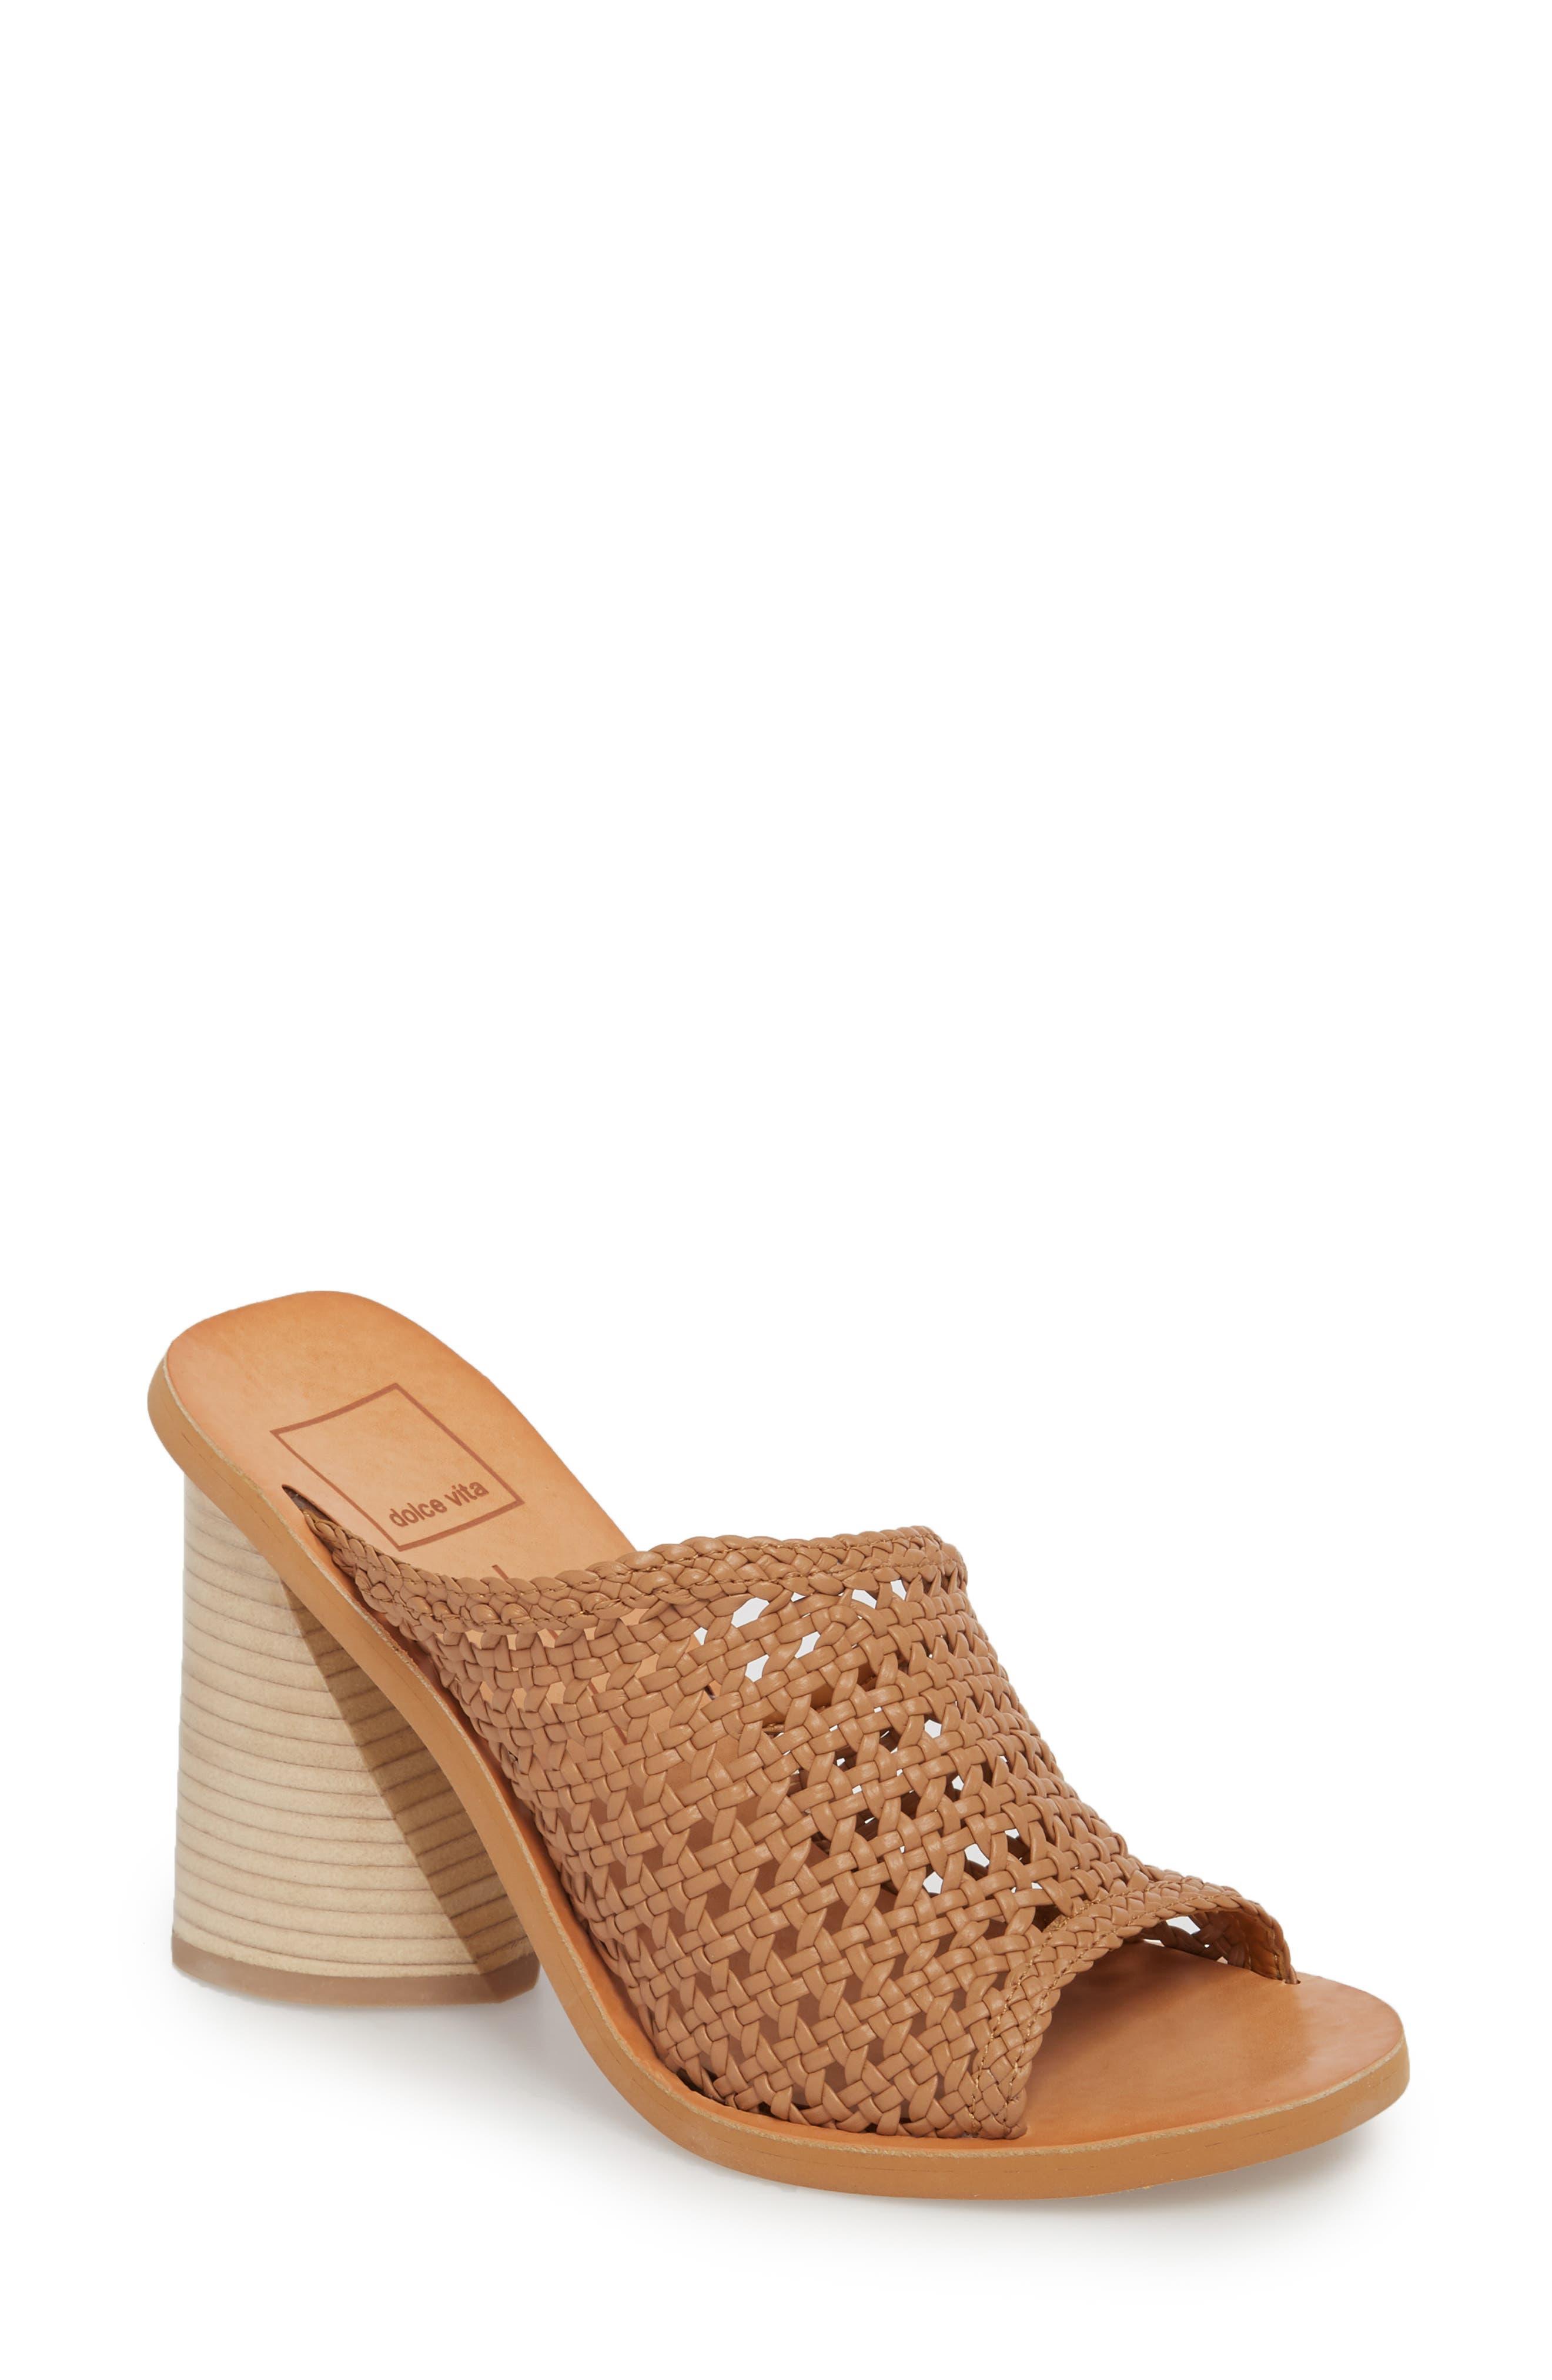 Anton Woven Sandal,                         Main,                         color, Caramel Woven